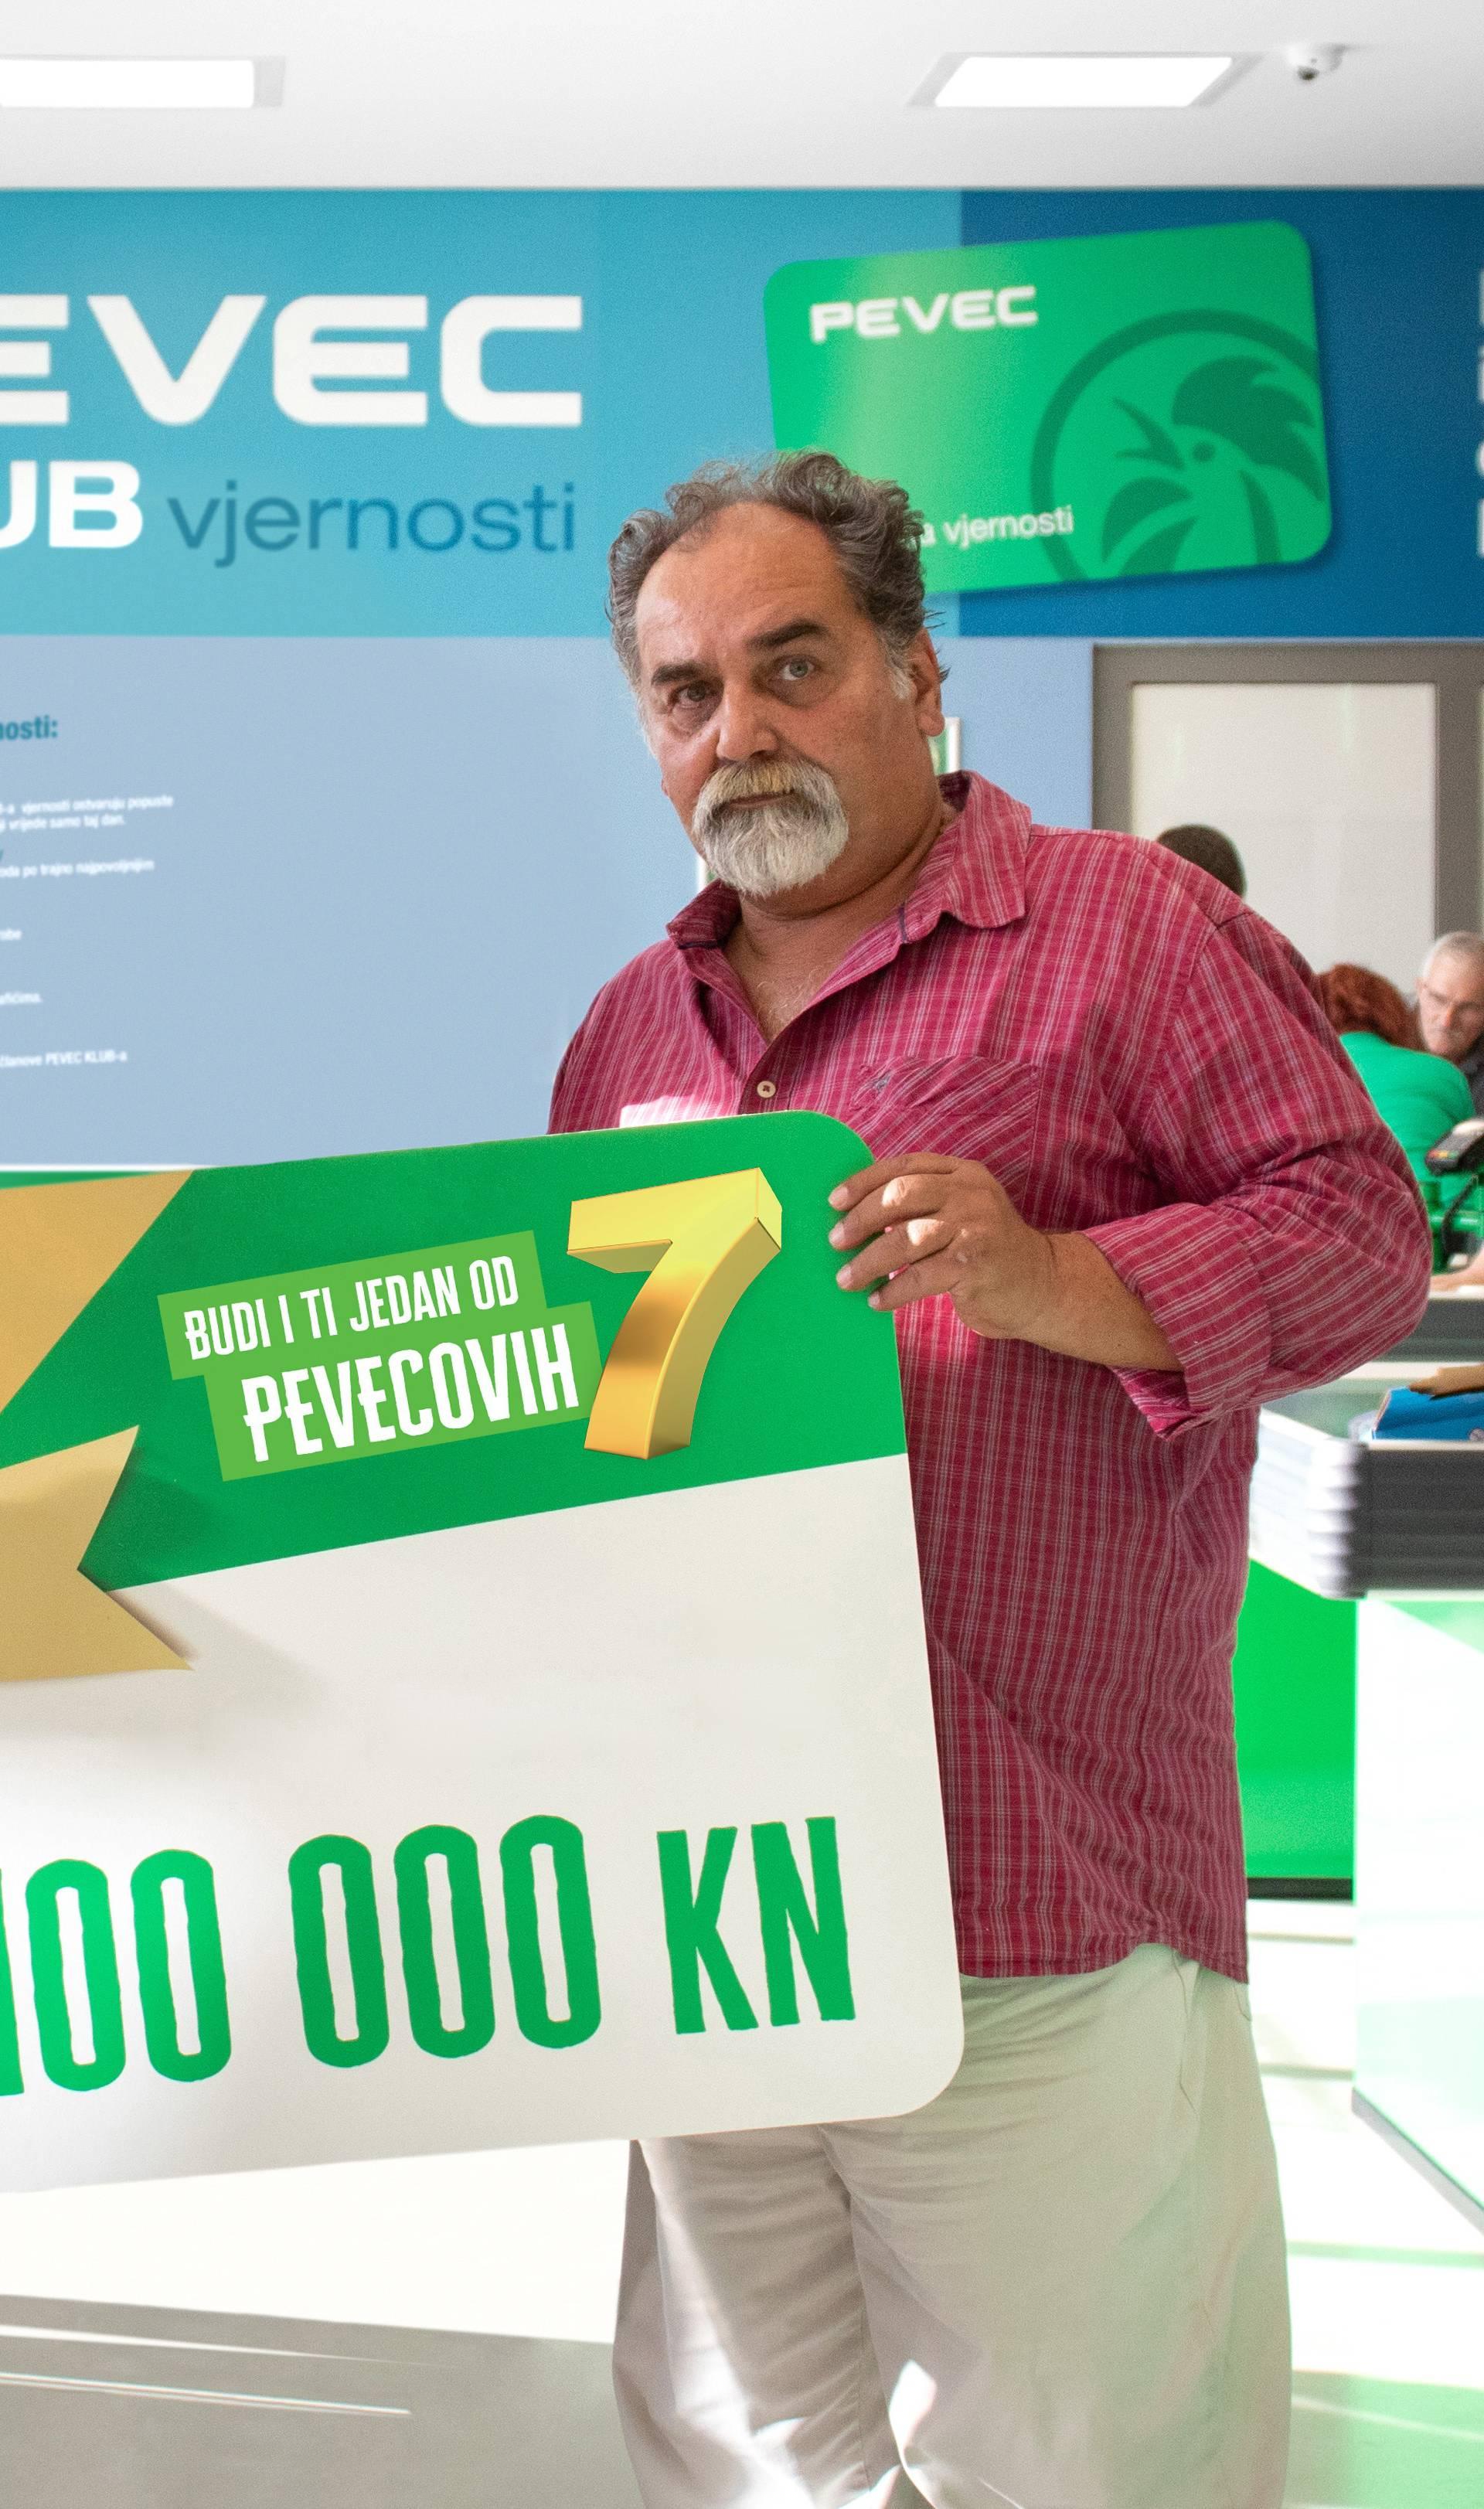 Kupovina u Pevecu vrijedi još 100.000 puta više